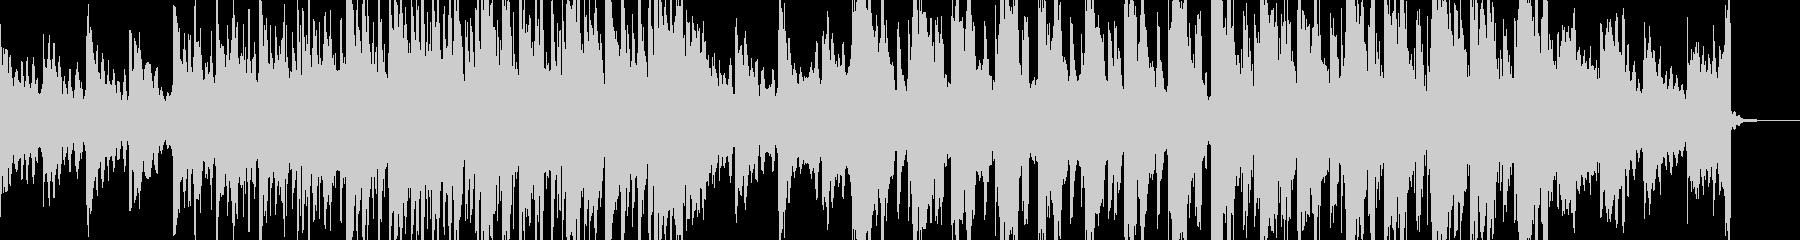 密林で雪が降っているイメージの曲の未再生の波形